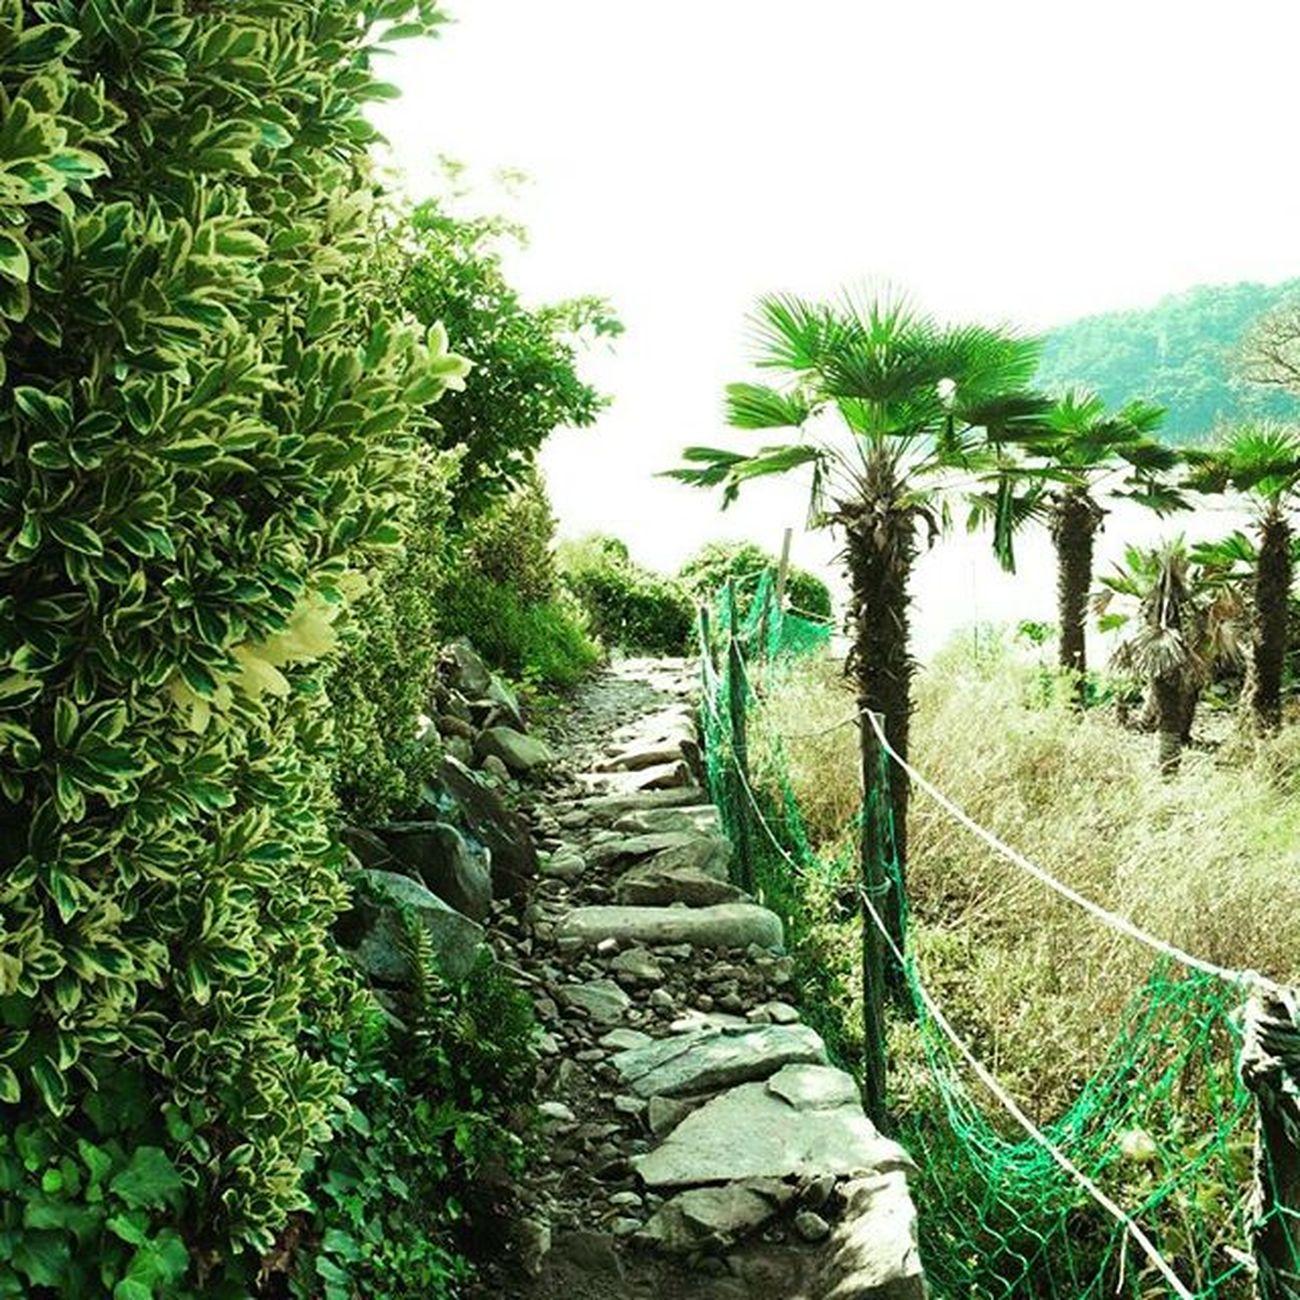 공곶이 Koreanisland Geojeisland 거제도 Green Travel Island